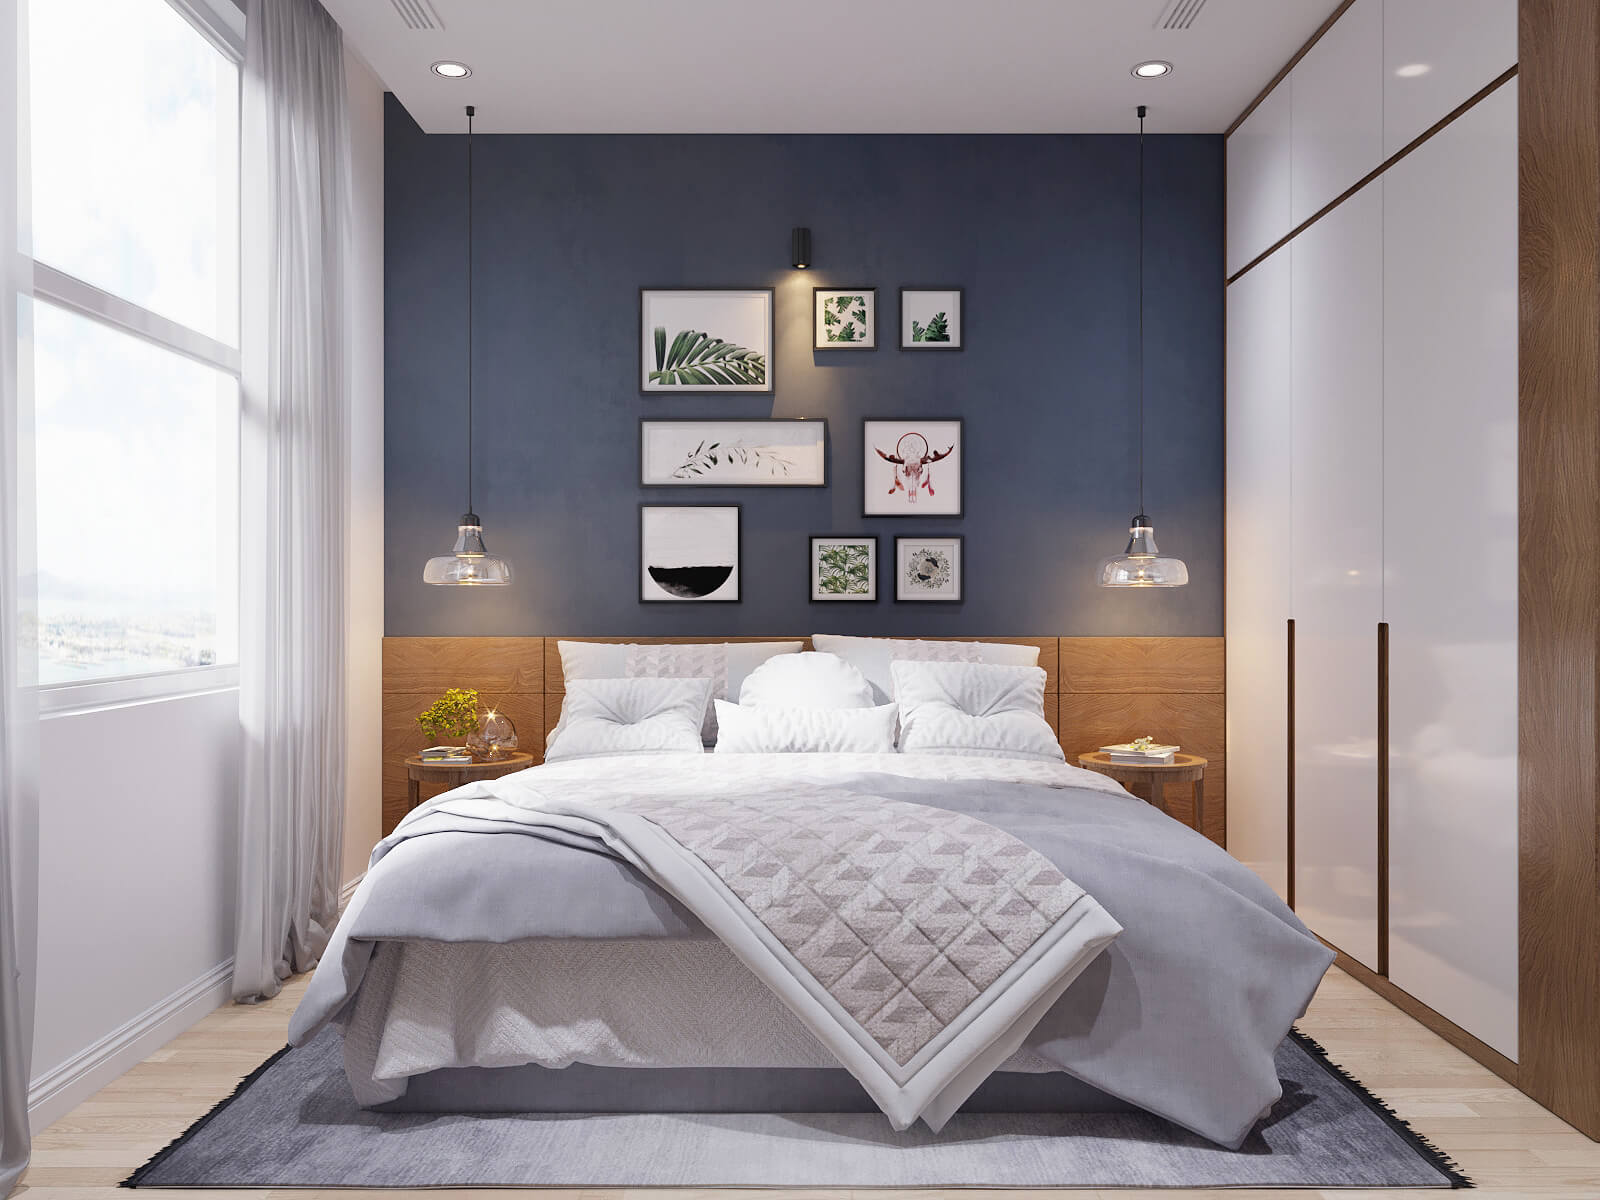 thiết kế nội thất căn hộ chung cư 70m2 6